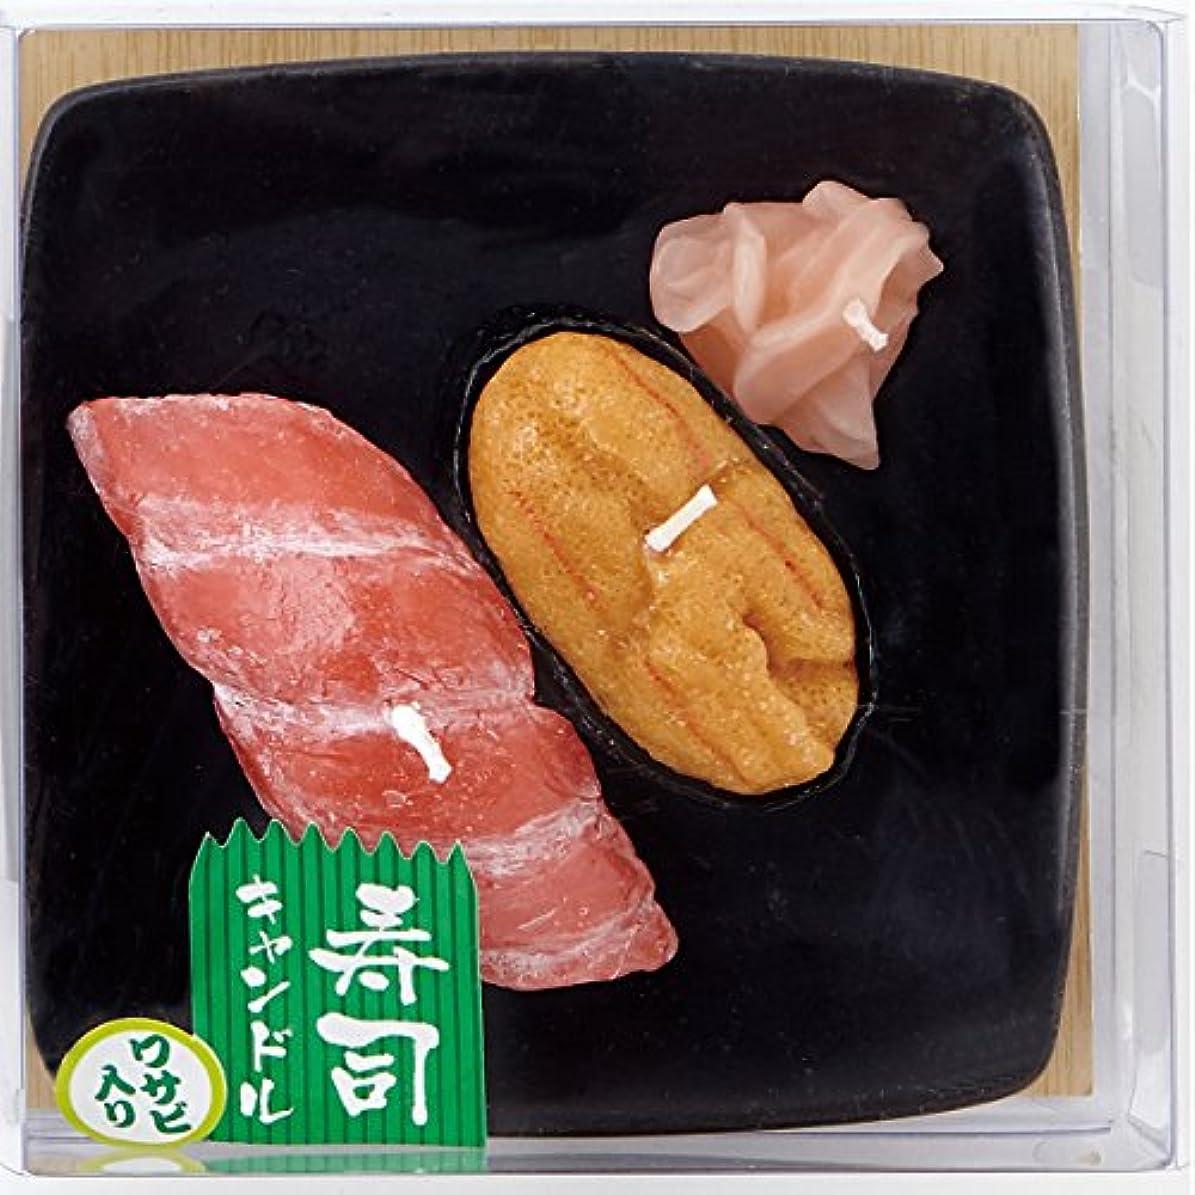 説得力のある健康匹敵します寿司キャンドル C(ウニ?大トロ) サビ入